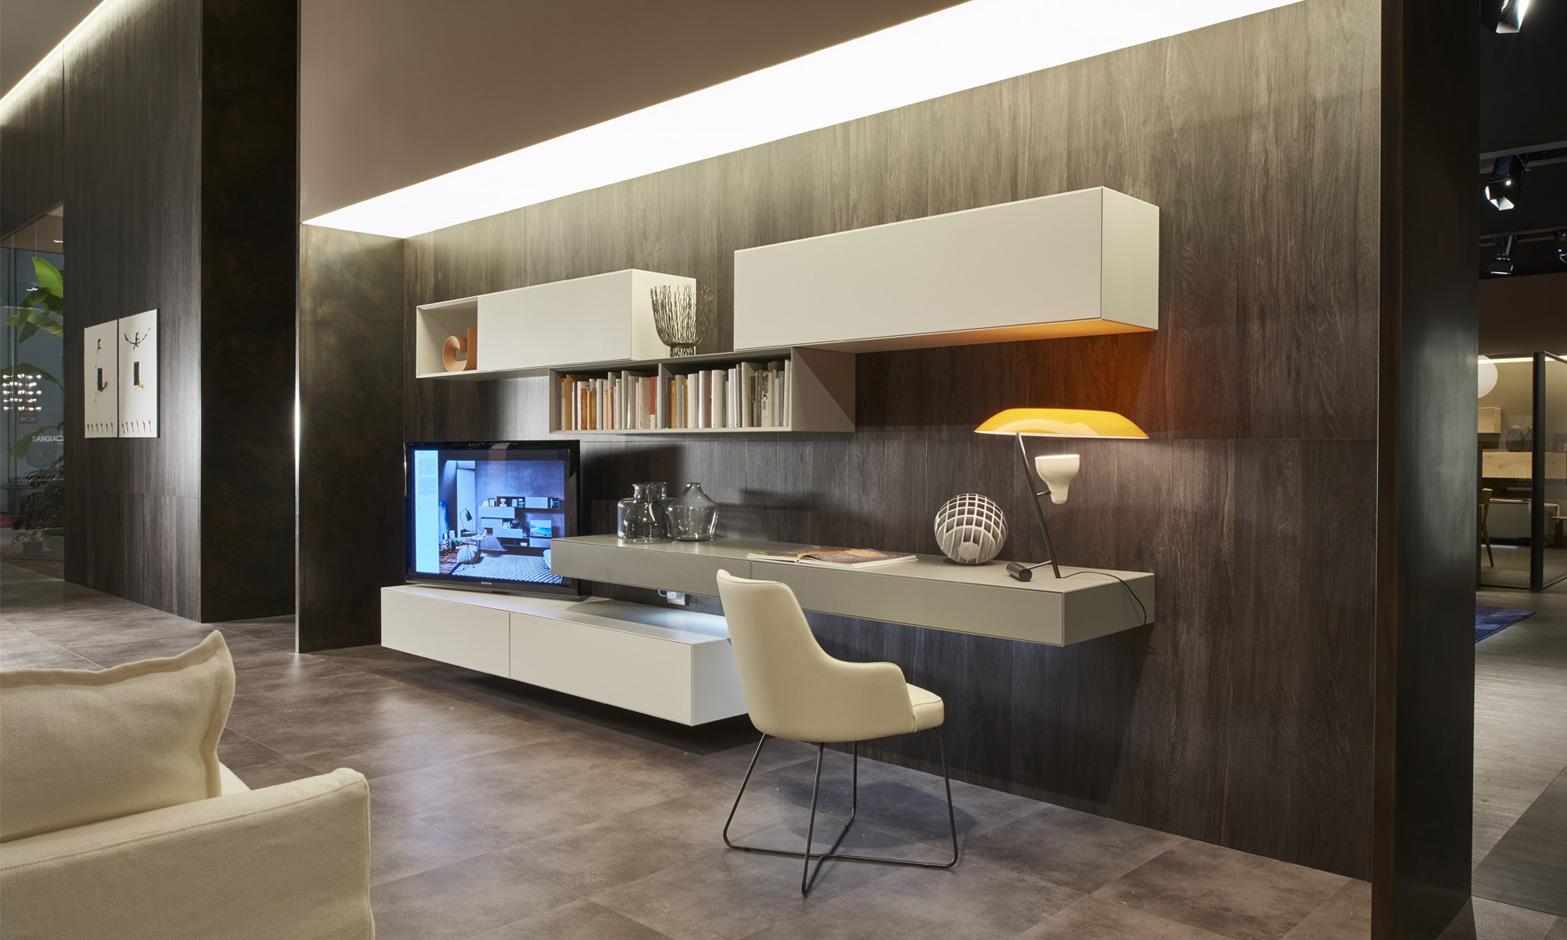 Awesome Enam Soggiorni Estivi Images - Idee Arredamento Casa ...